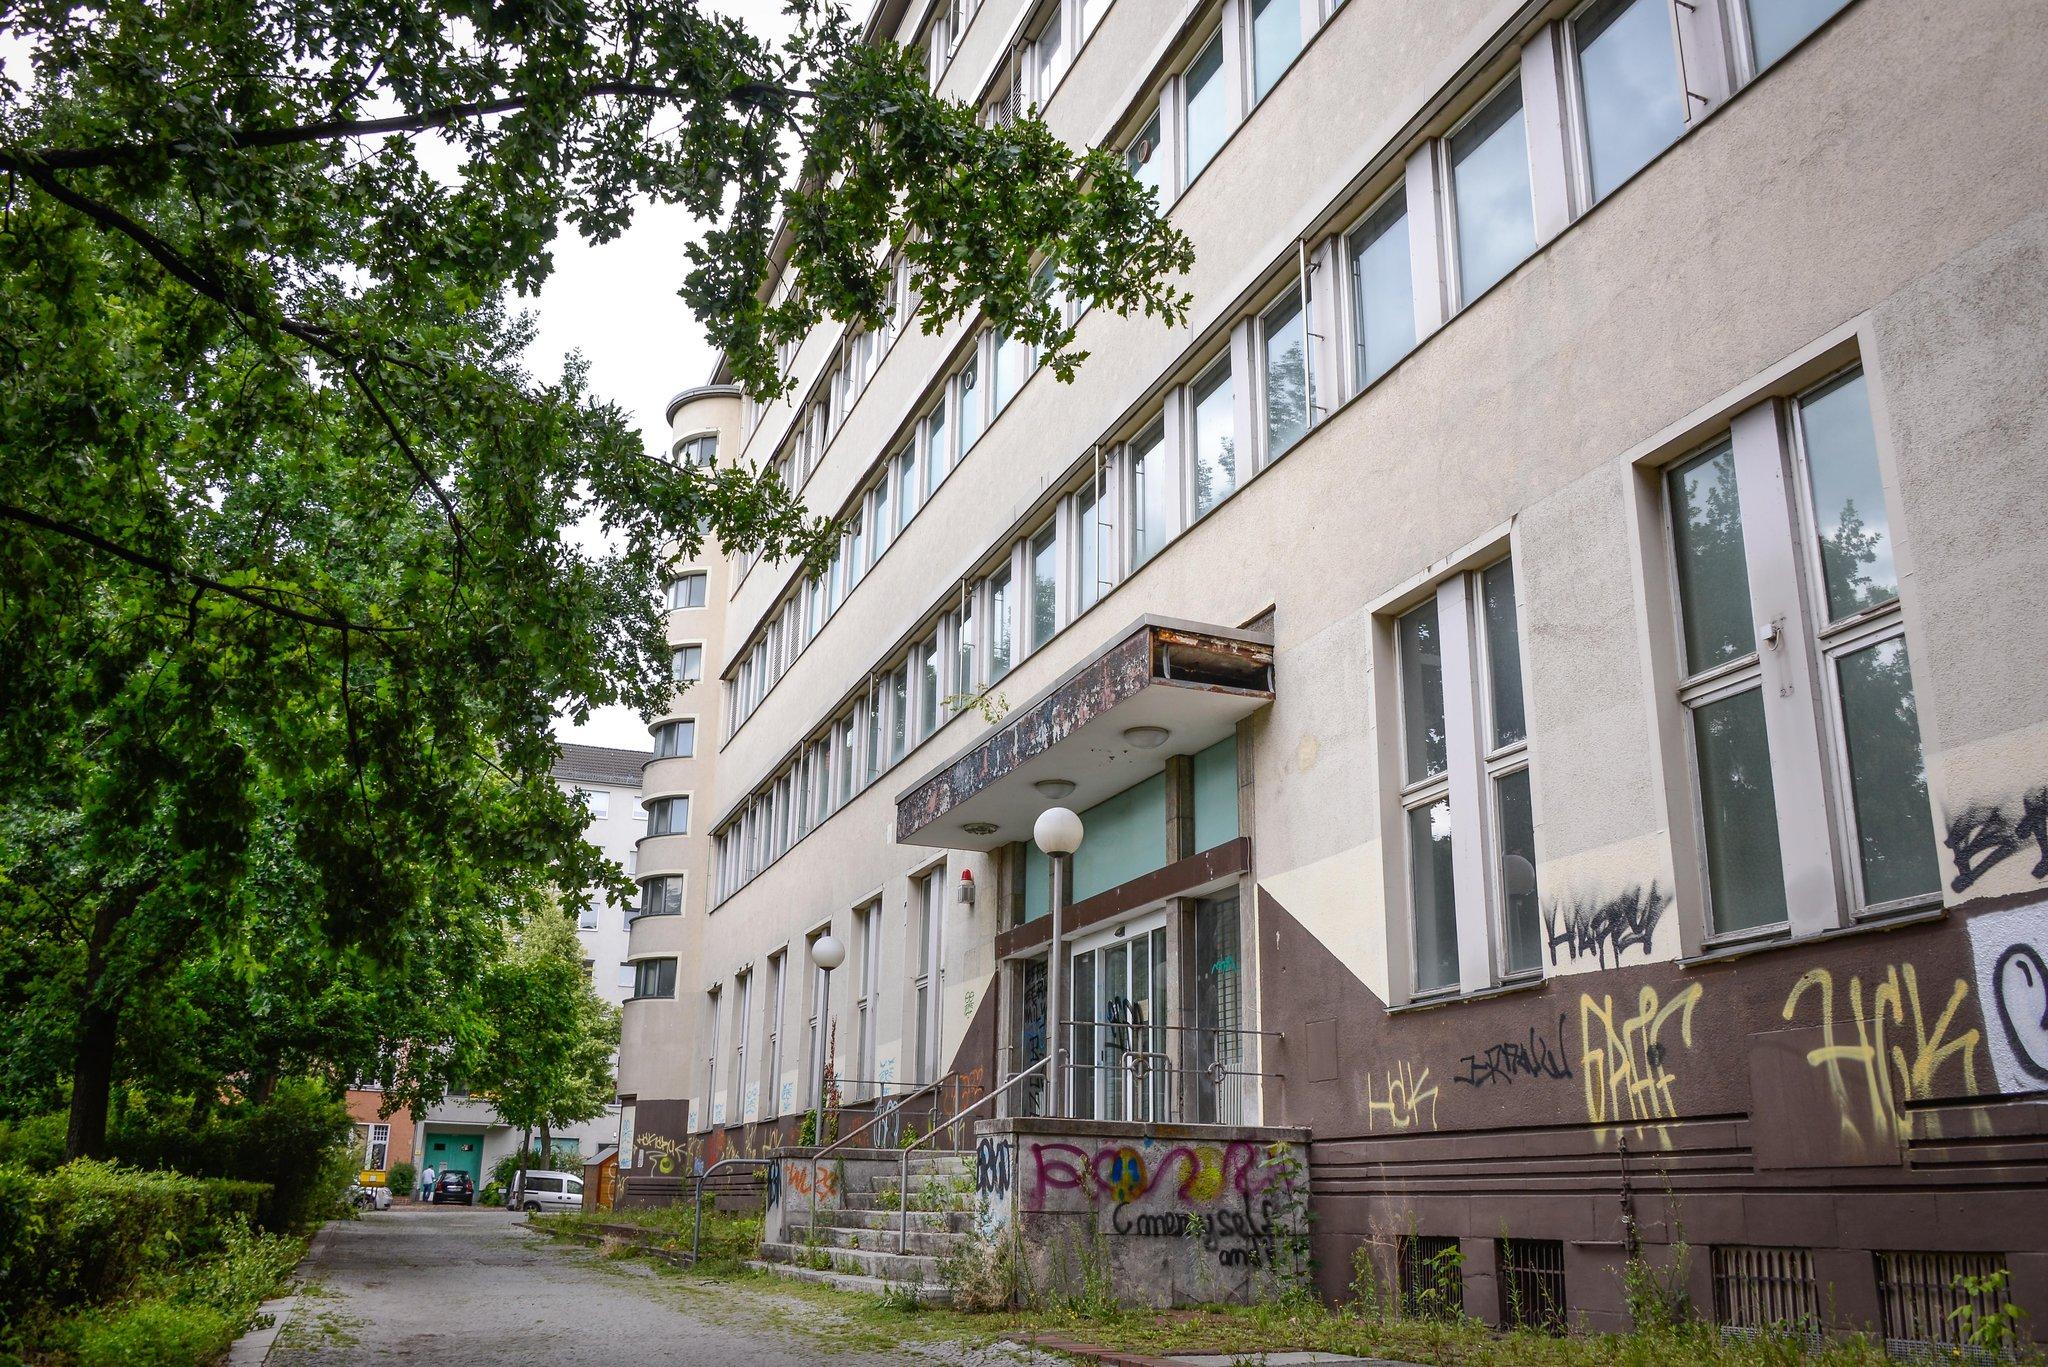 hochmeisterplatz bauwert ersetzt telekom geb ude durch wohnhaus wilmersdorf. Black Bedroom Furniture Sets. Home Design Ideas